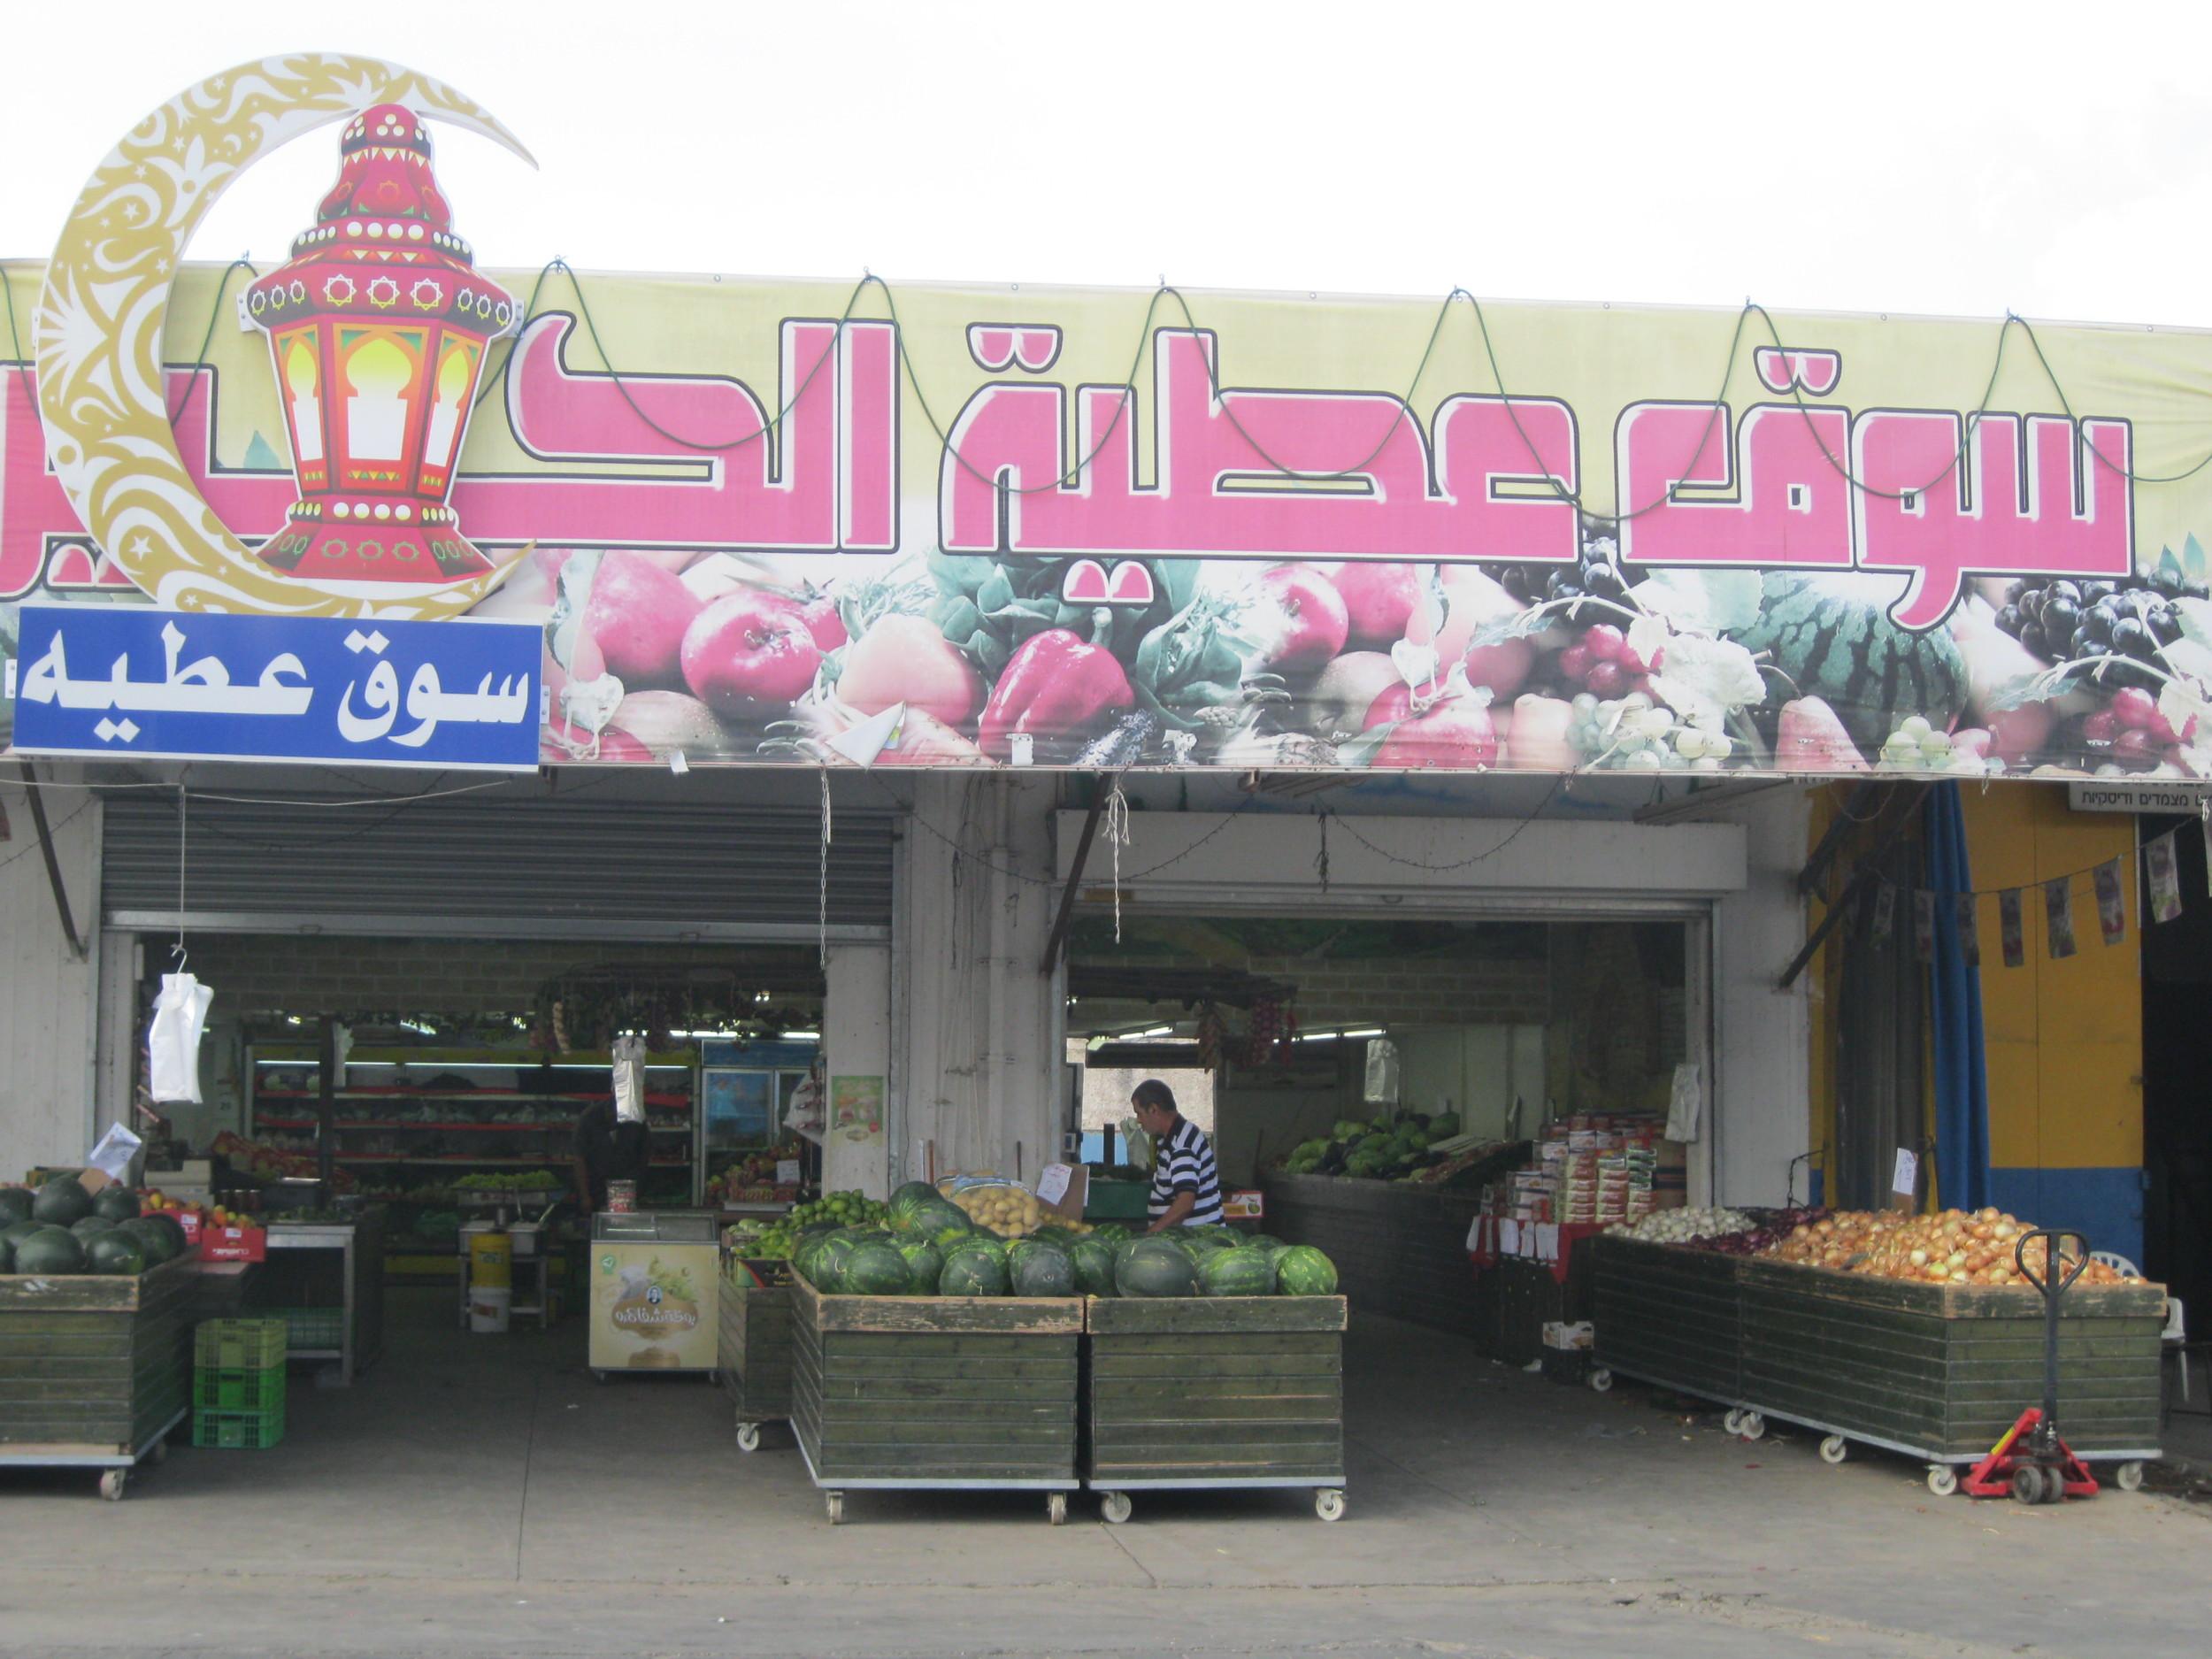 A little market in Nazareth